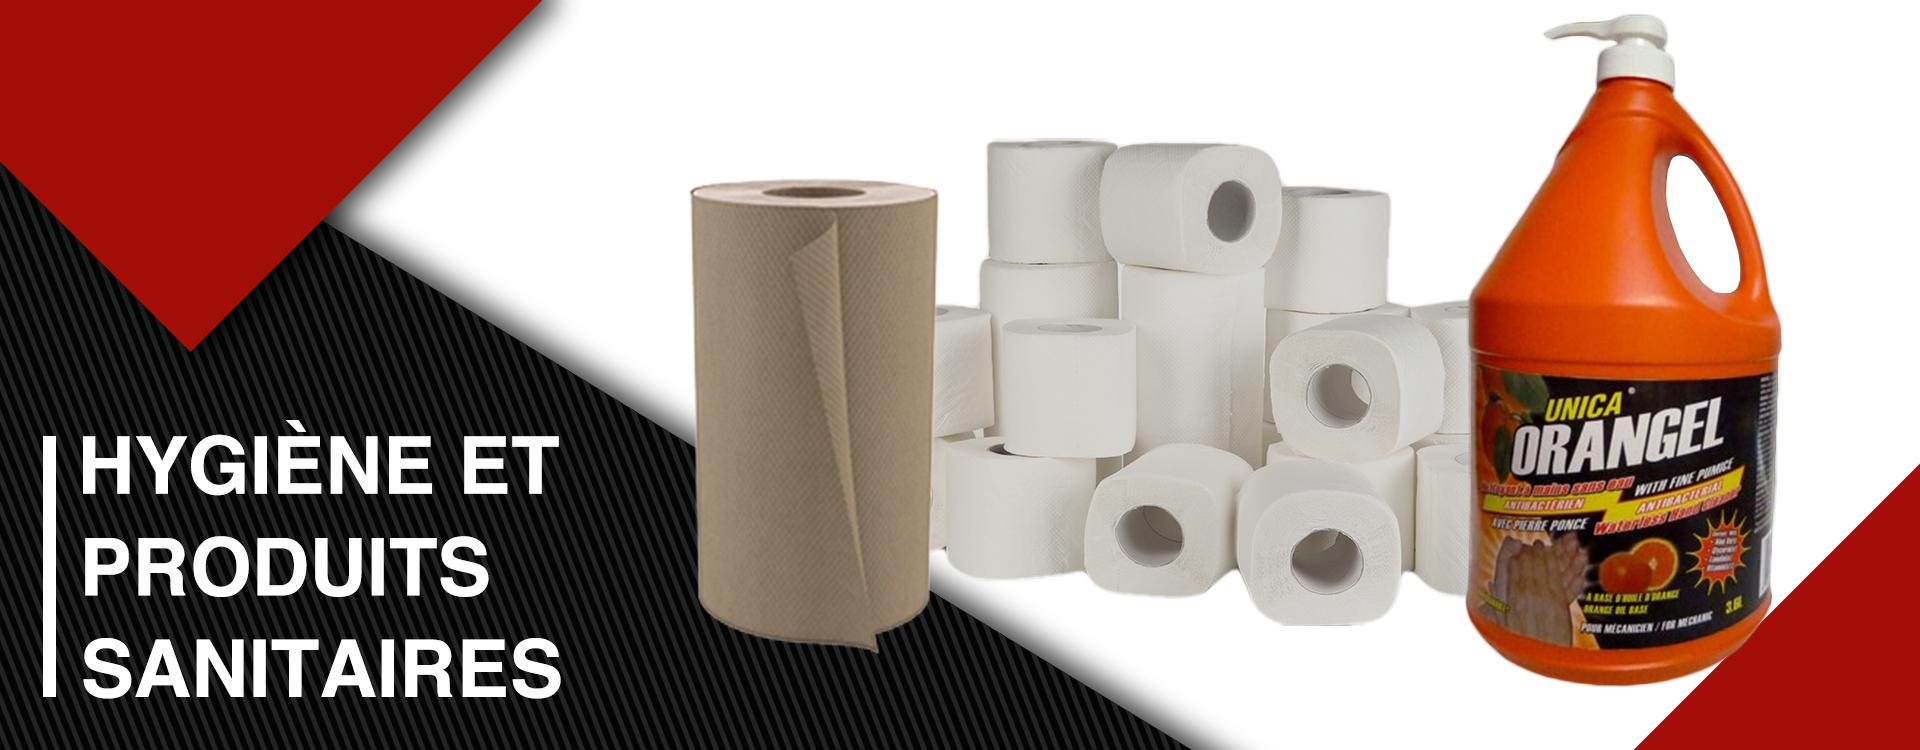 arteau-hygiene-et-produits-sanitaires-slider-1920×750